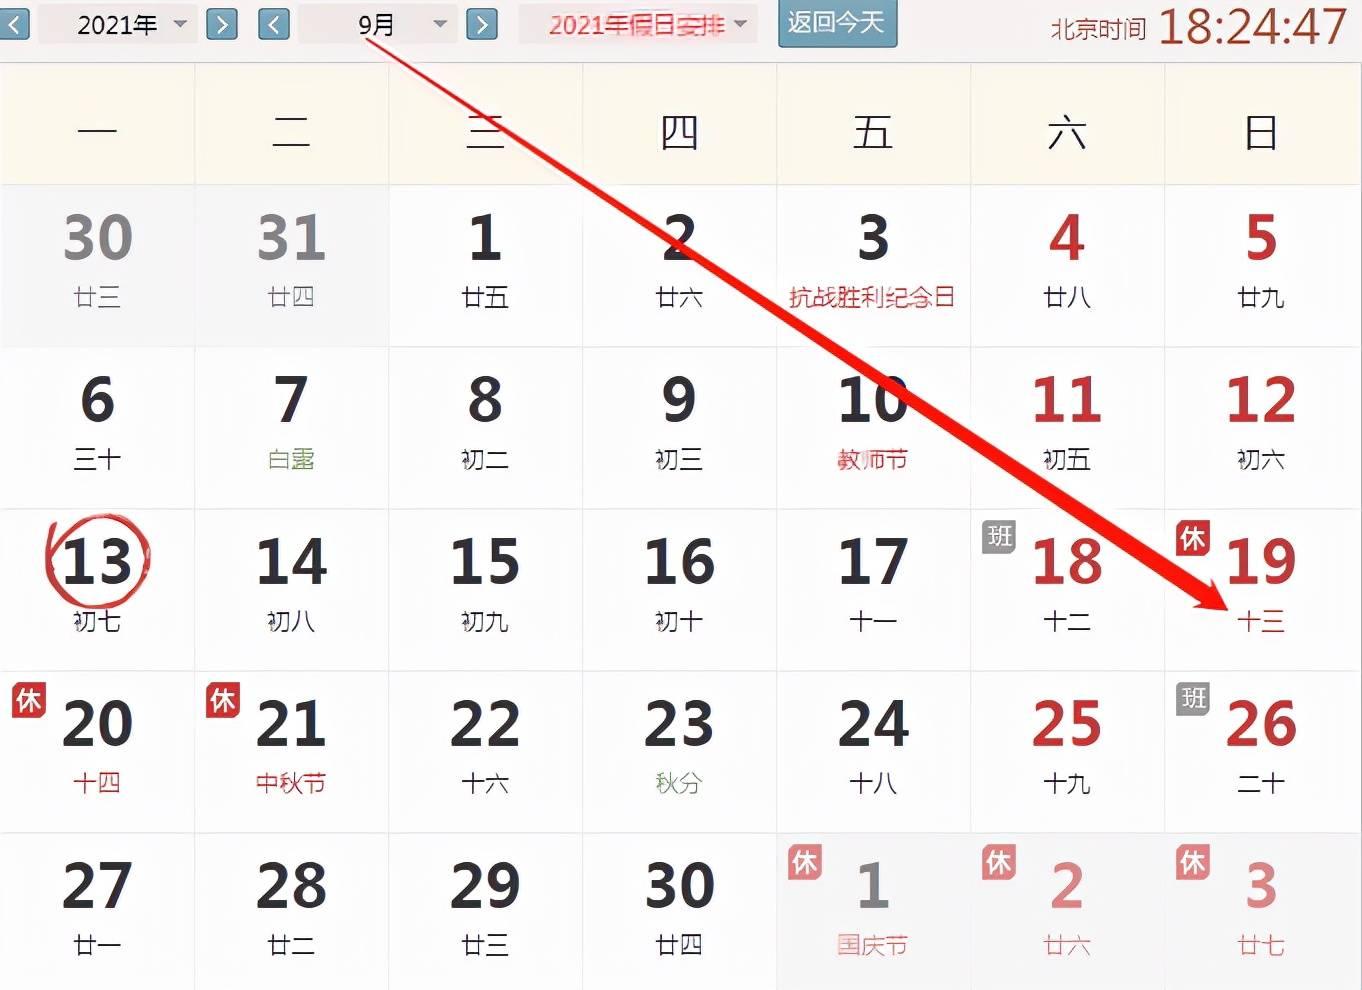 2021年9月19号好运指数。